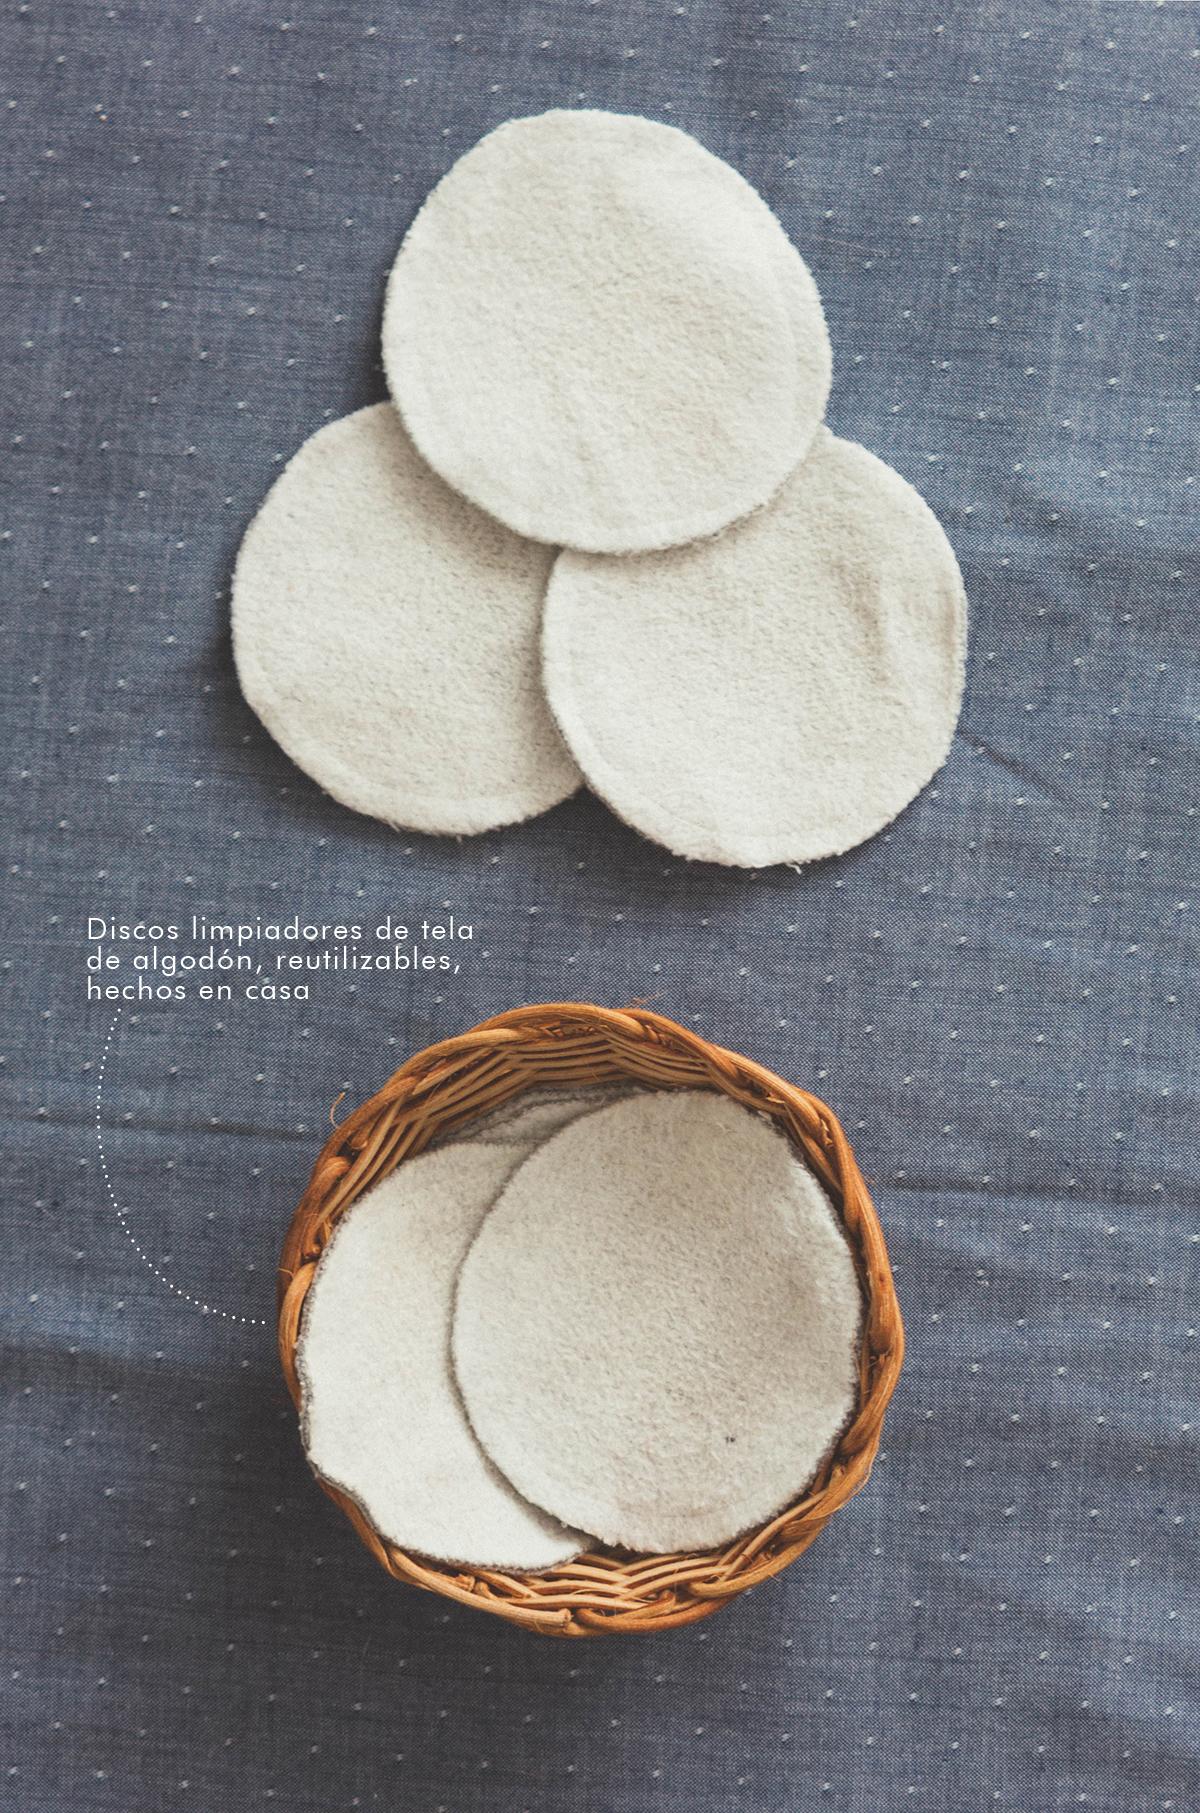 Discos desmaquillantes reutilizables de tela de algodón